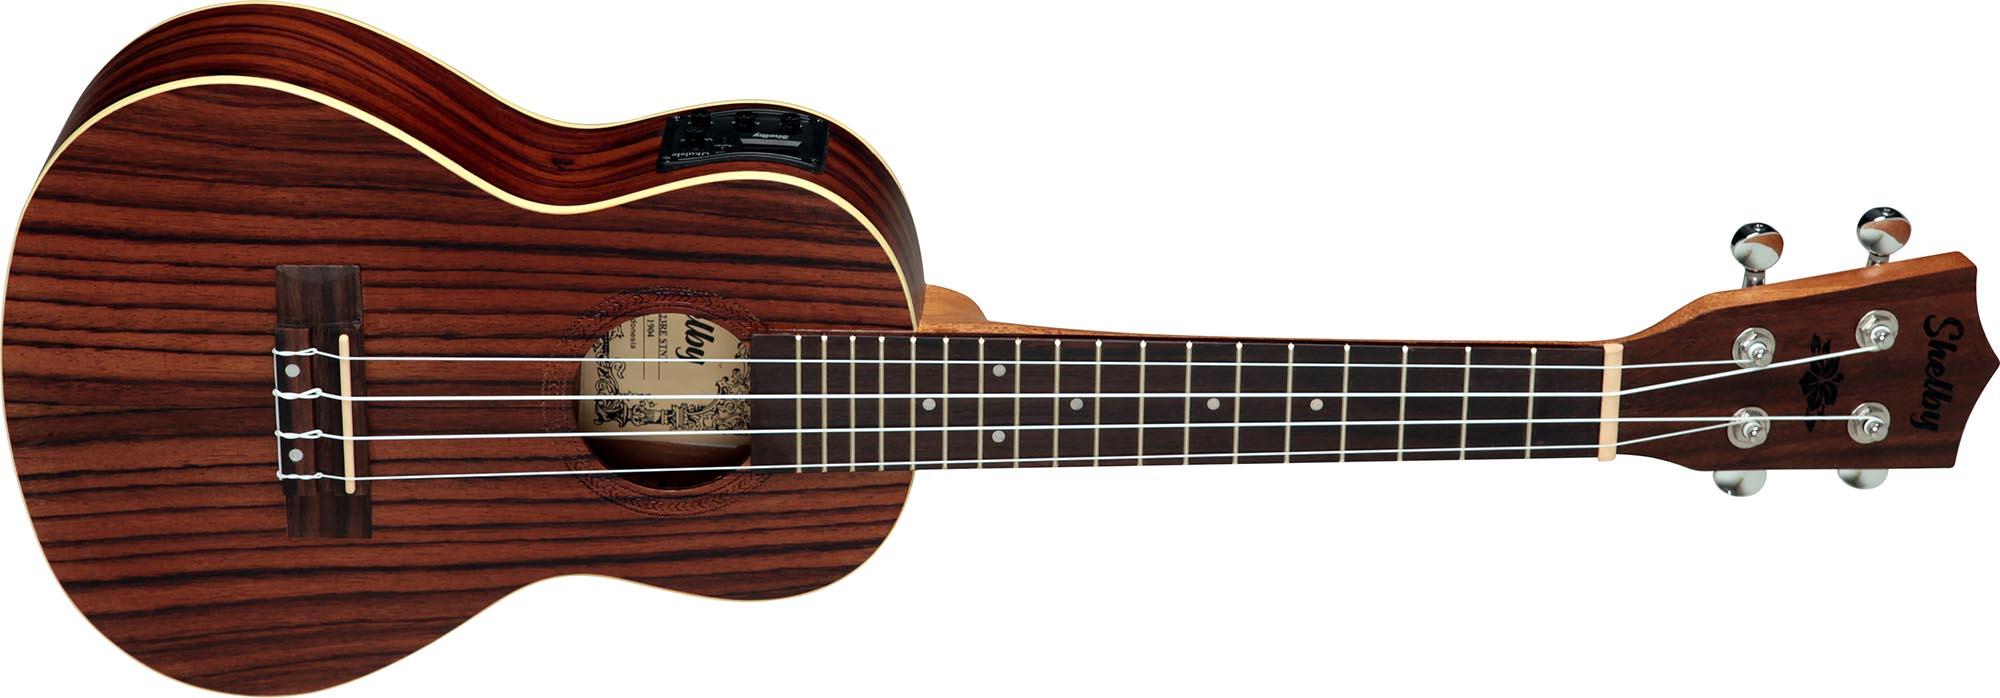 su23re ukulele concerto eletroacustico shelby su23re stnt jacaranda acetinado visao frontal